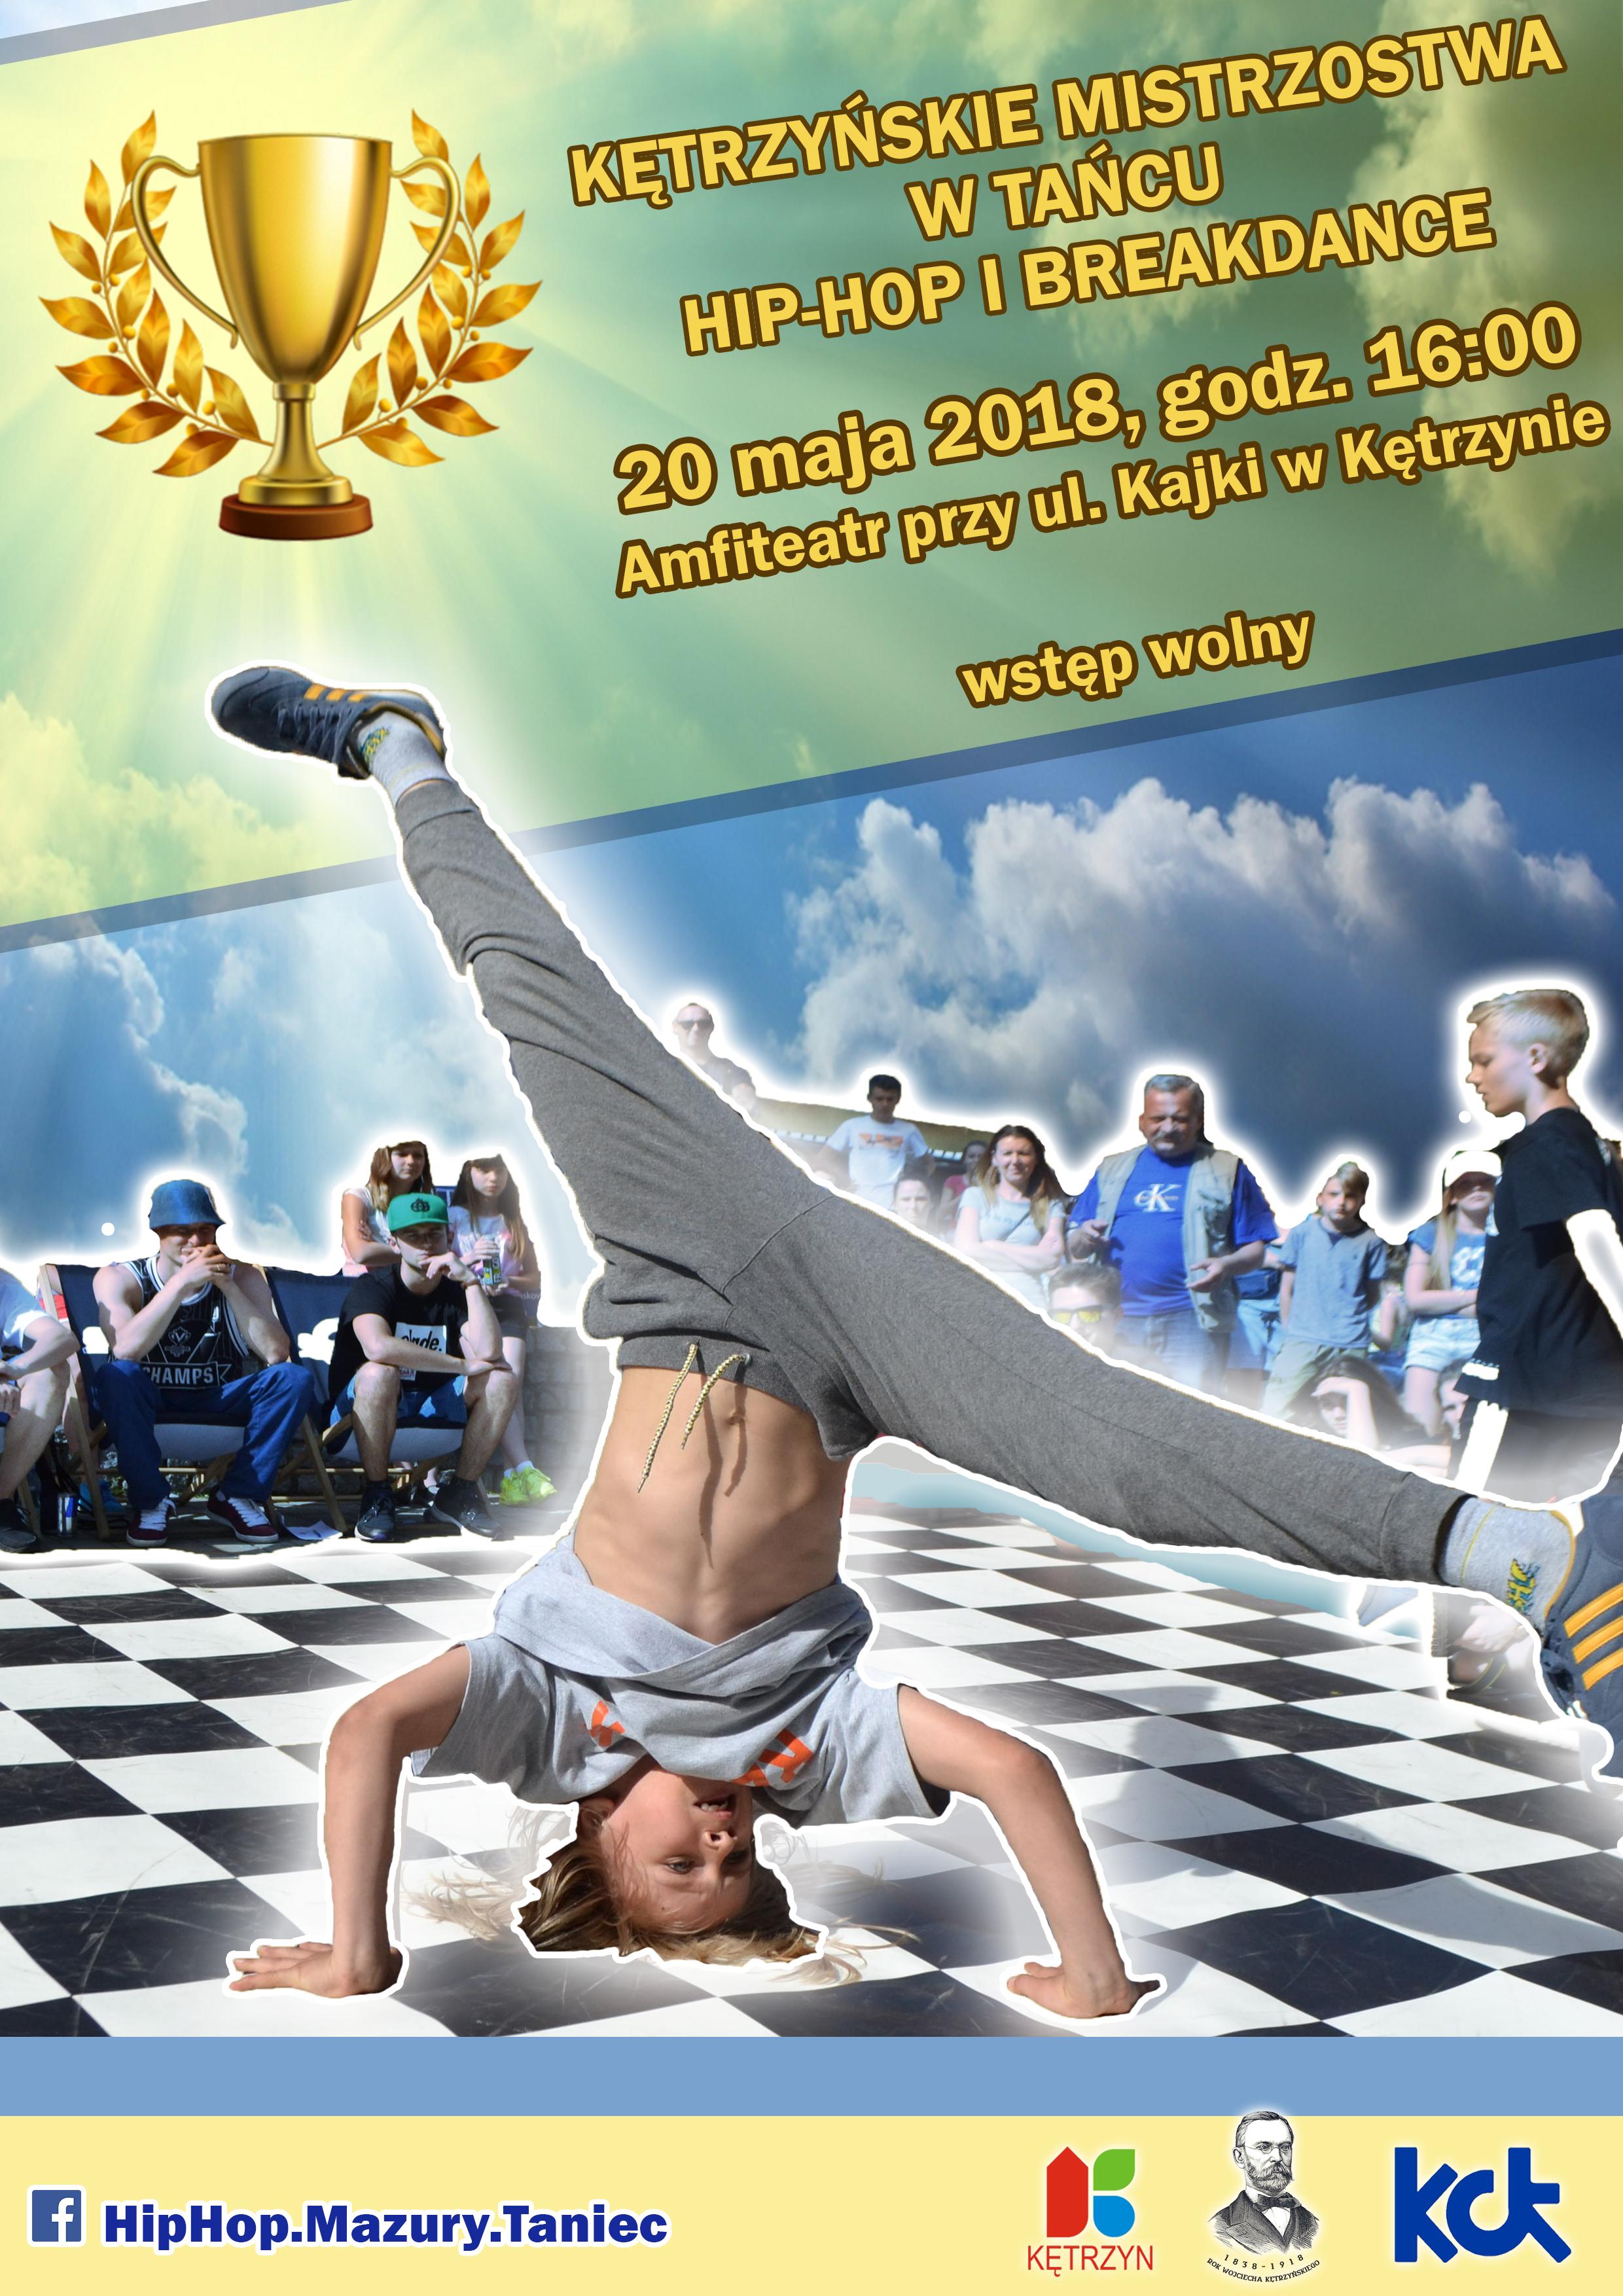 http://m.wm.pl/2018/05/orig/ketrzynskie-mistrzostwa-w-tancu-hip-hop-i-breakdance-465797.jpg